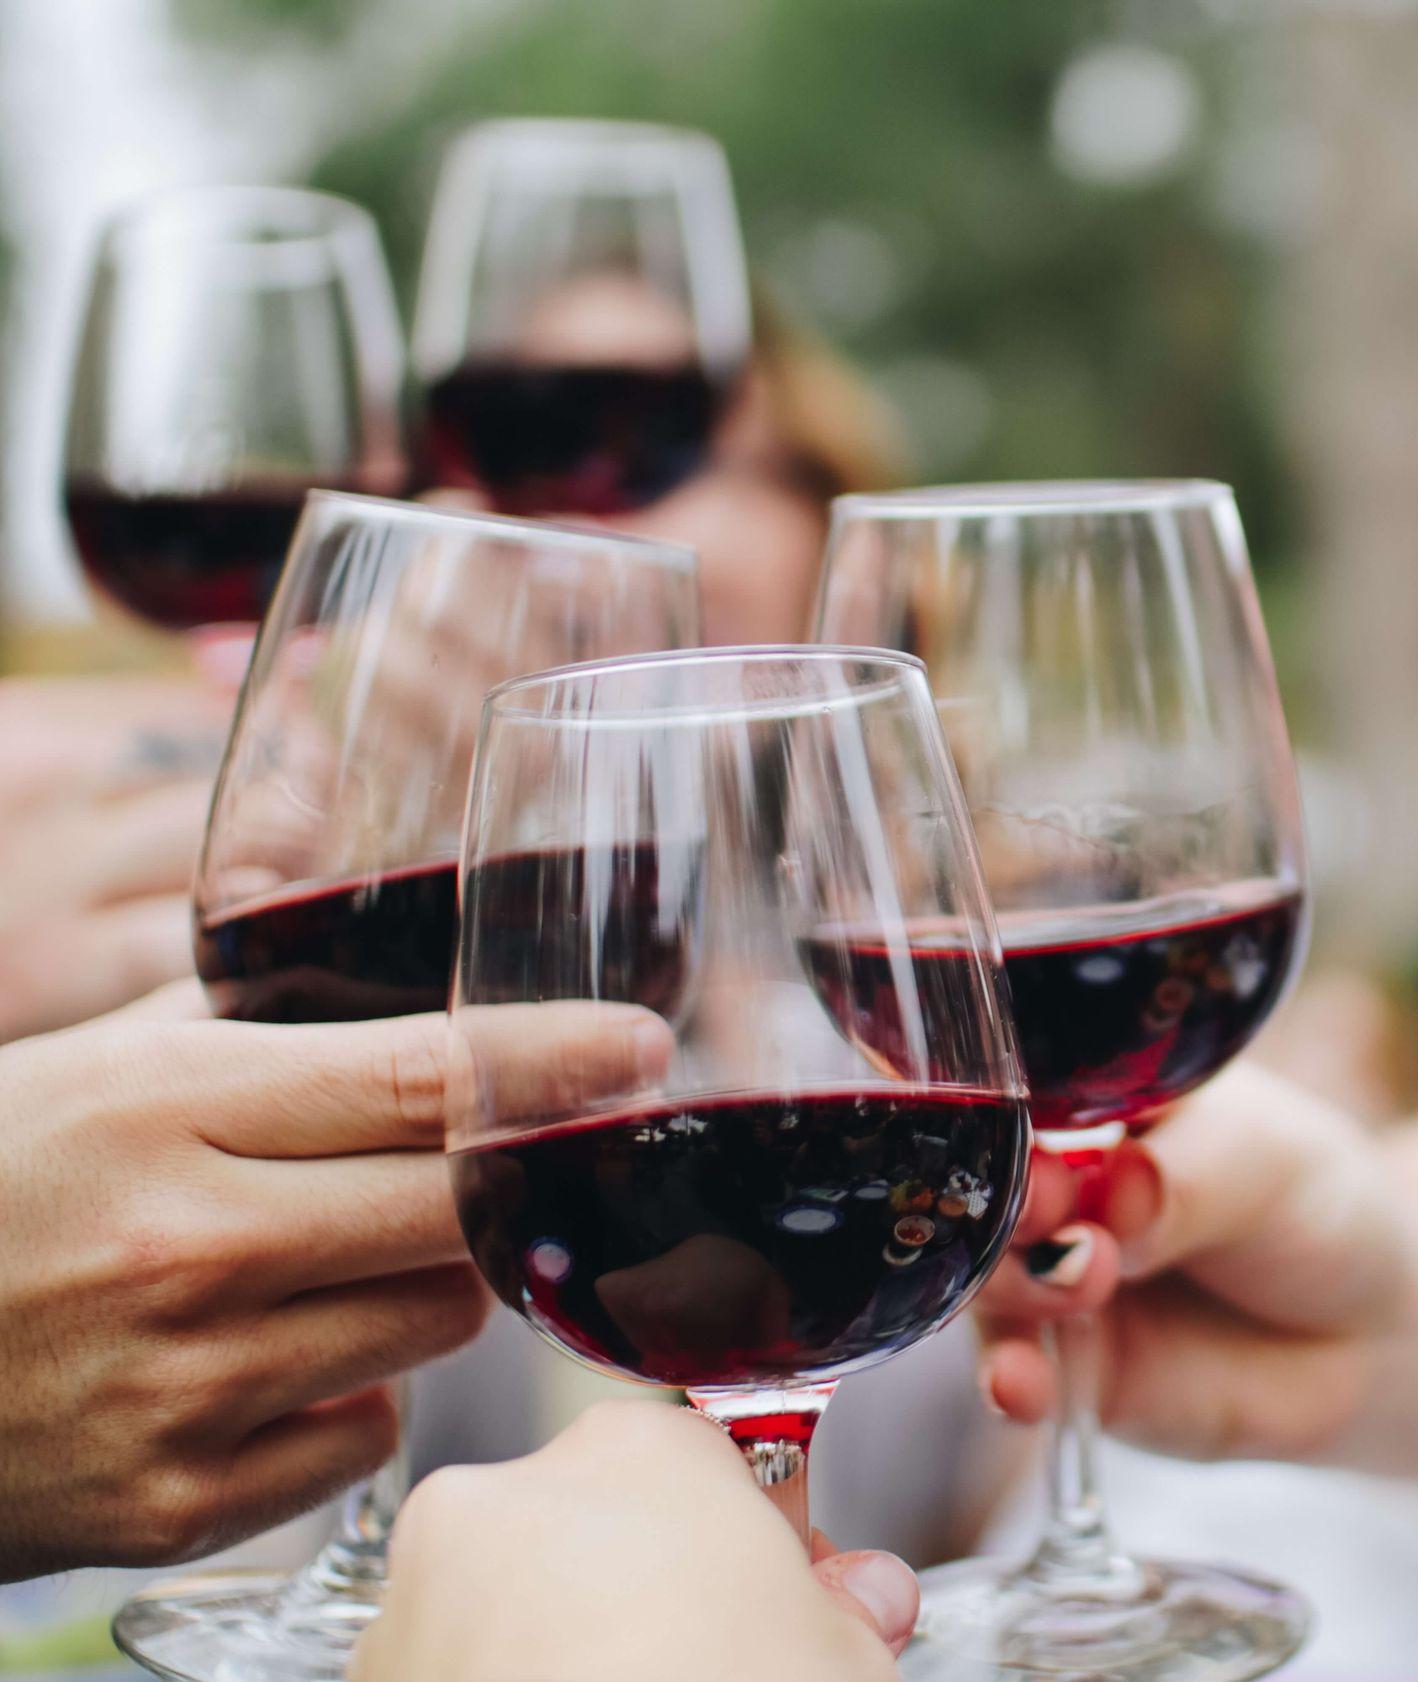 Unikatowe wino na aukcji WOŚP (fot. Kelsey Knight / unsplash.com)